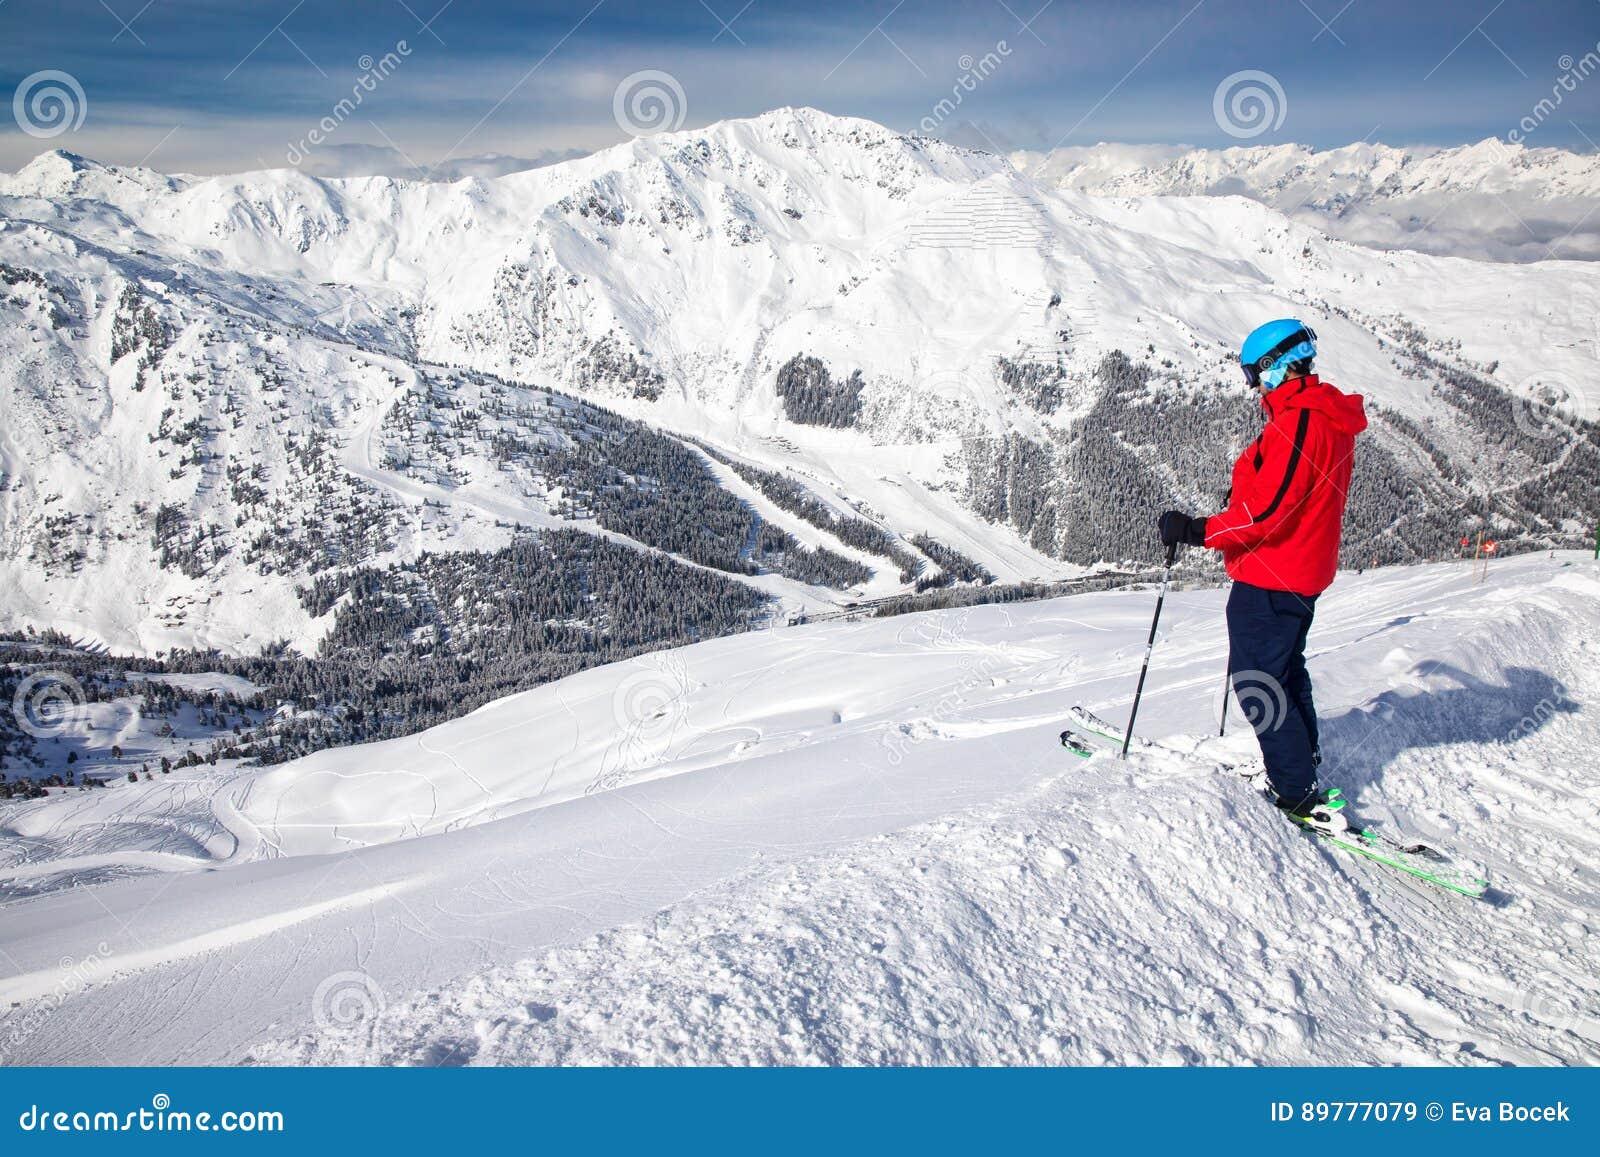 Obsługuje cieszyć się oszałamiająco widok przed freeride narciarstwem w sławnym